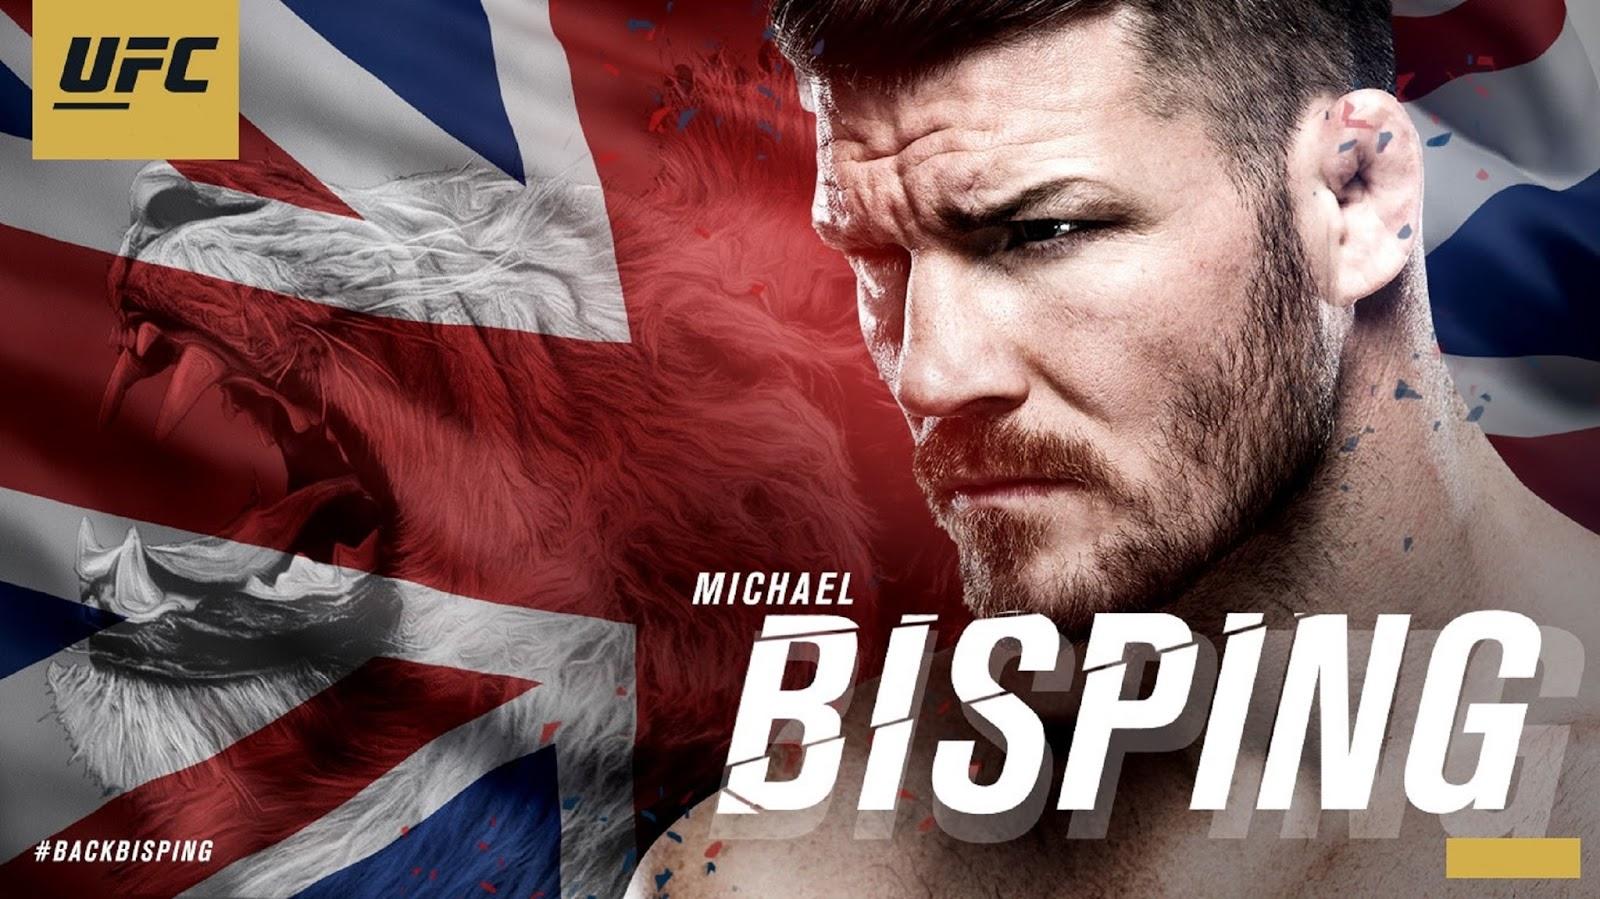 MICHAEL BISPING 5